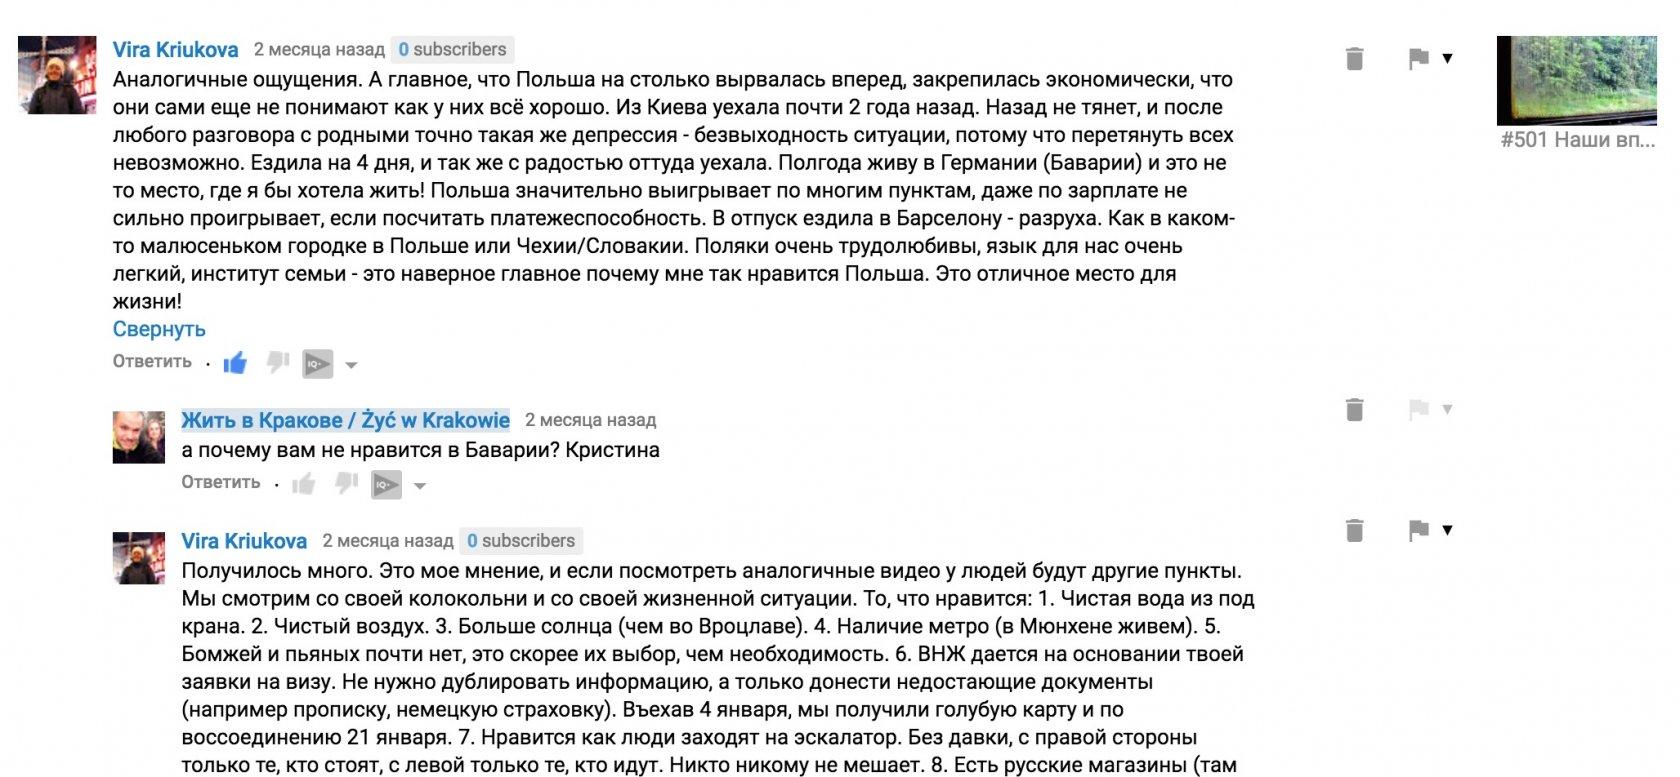 Учеба в словакии для россиян отзывы fubag бортникова обучение грамоте скачать бесплатно